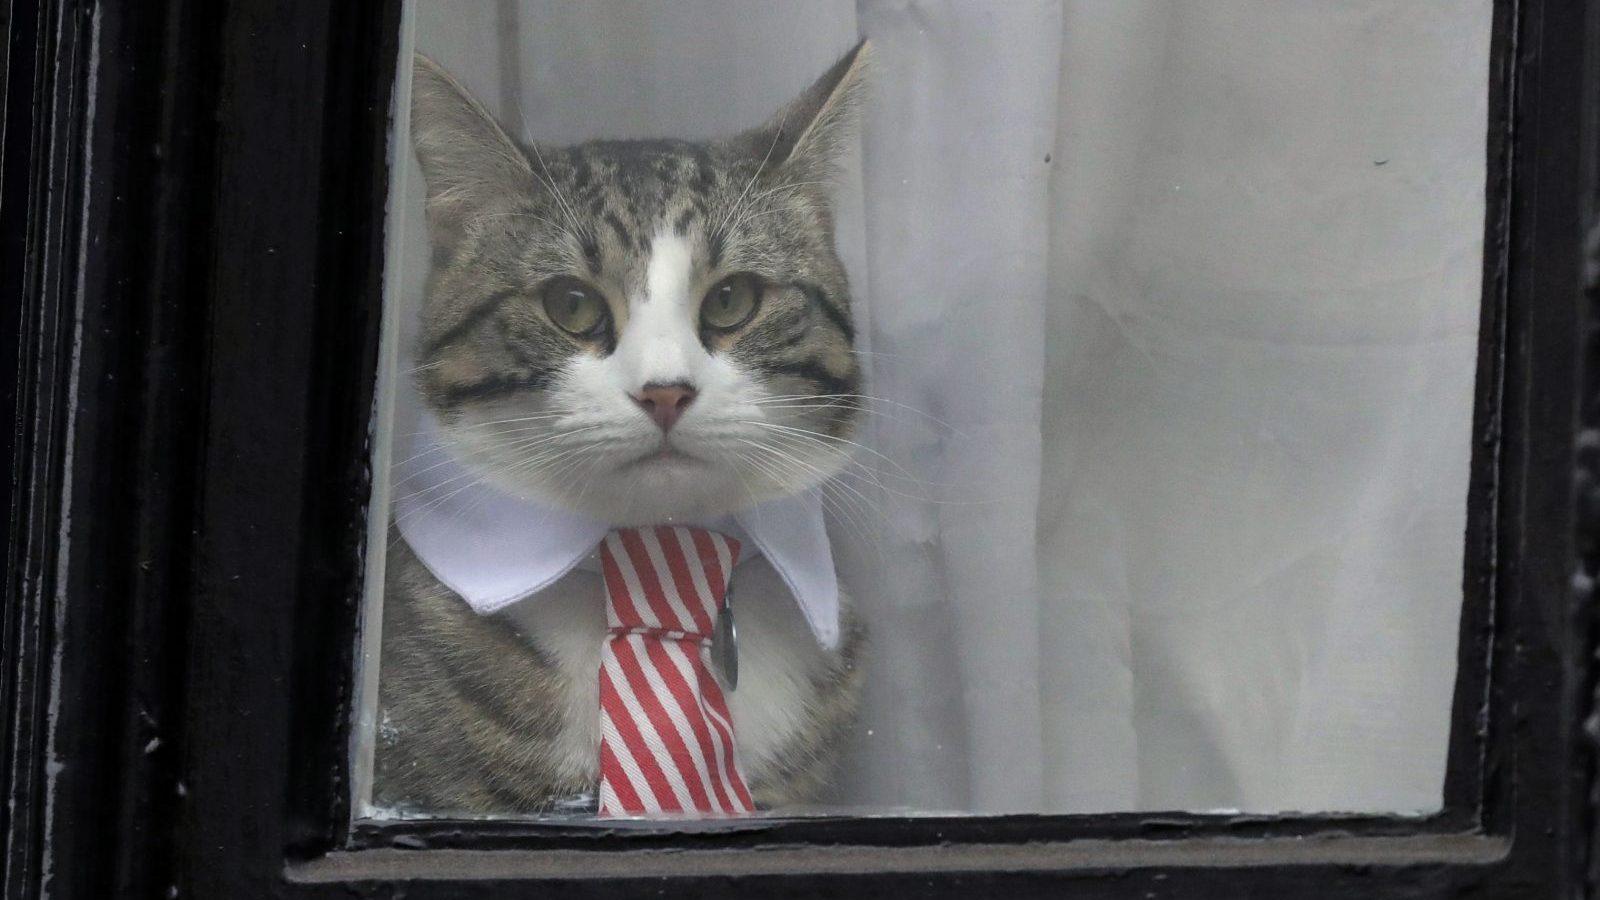 Julian Assange's cat looks out a window dressed in a tie